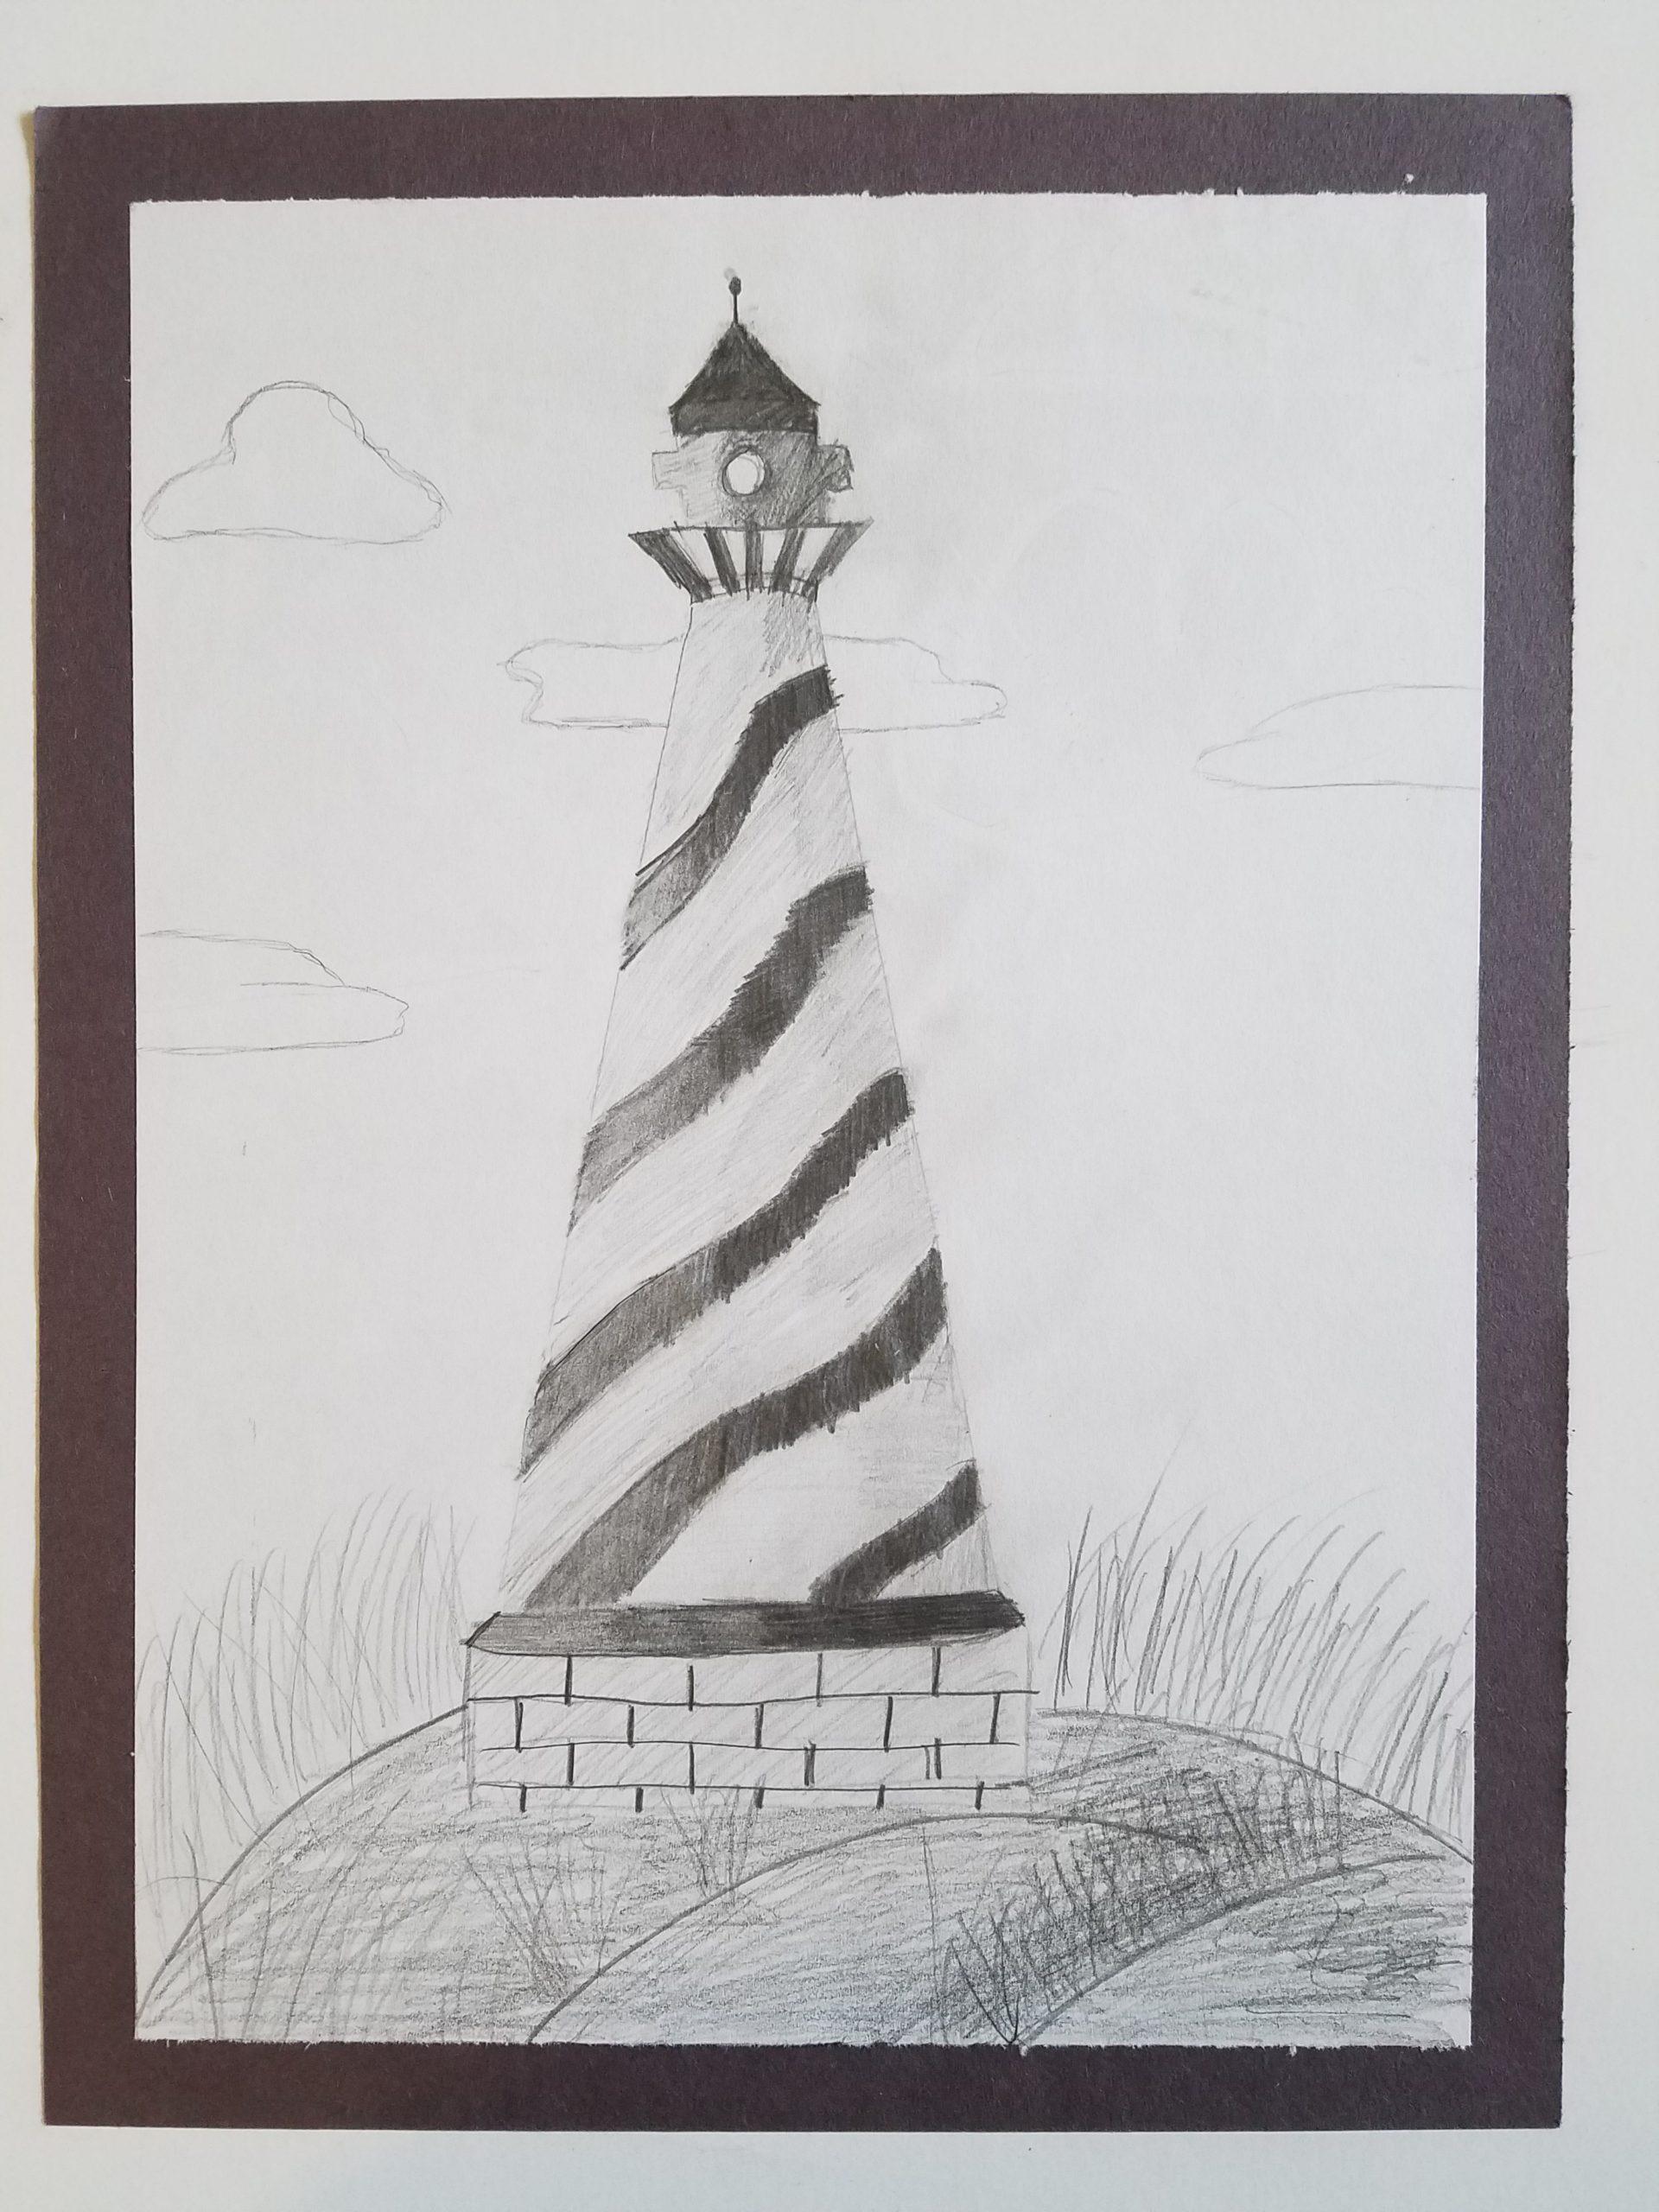 YAC 2020 #32 5-8 lighthouse